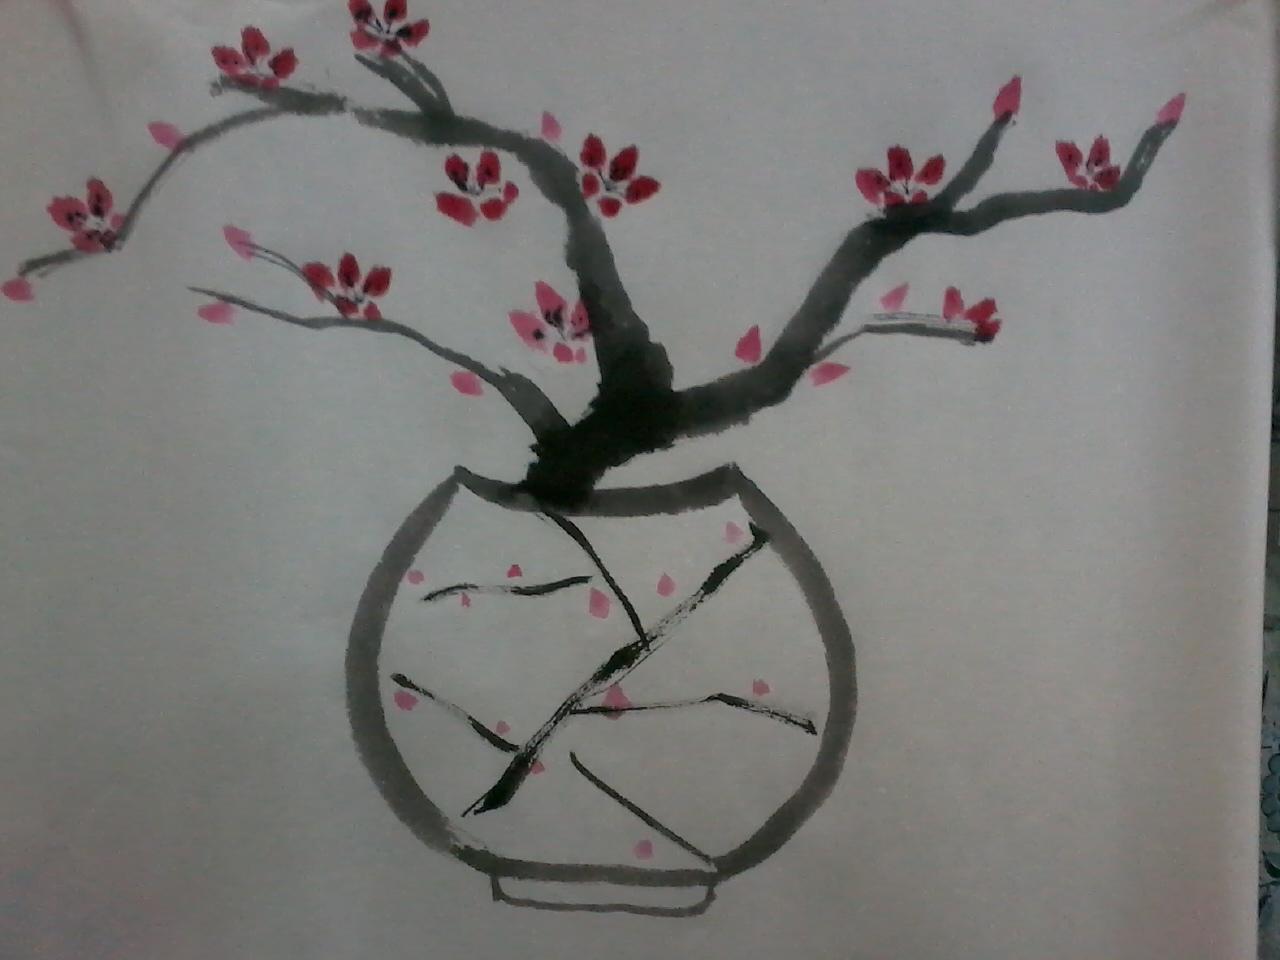 2,用大笔,浓墨,侧峰转中锋的方法画梅花的枝,千万别画成对称造型.图片